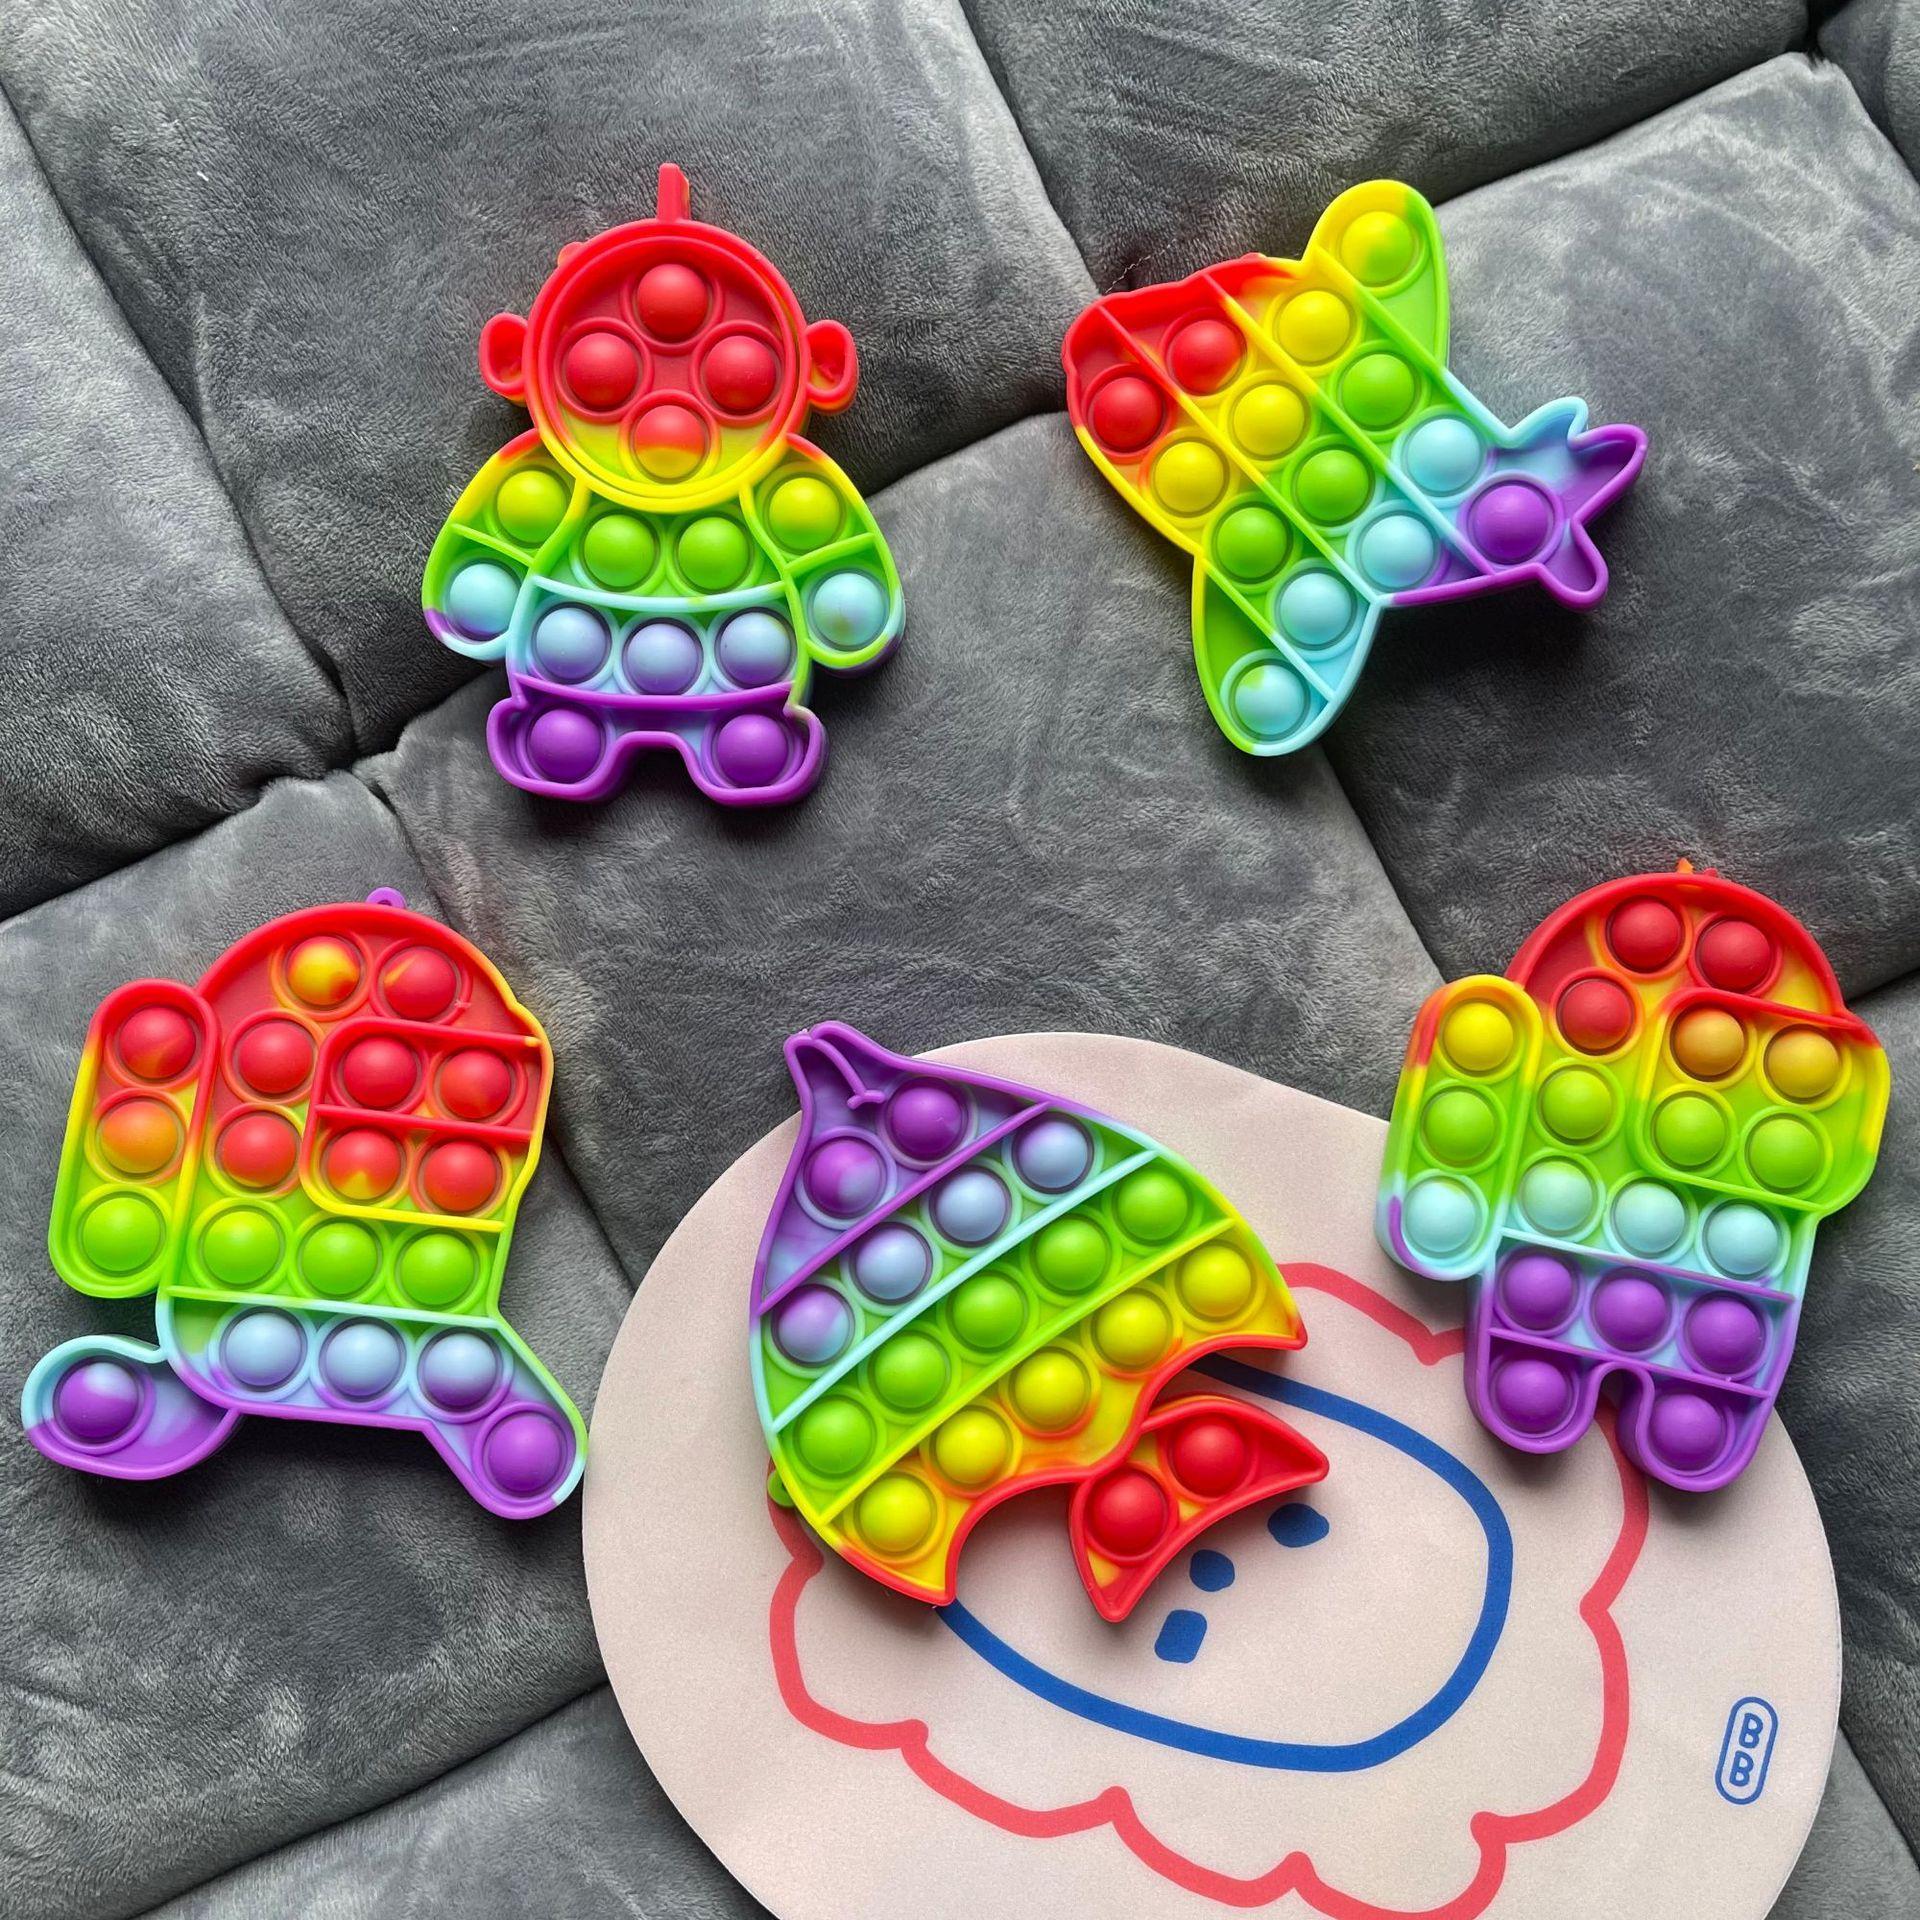 DHLColorful Bubble Fidget Sensory Pop Jouet Autisme Besoins spéciaux Stress Stress Relever Jouets Adulte Kids Antistateurs drôles avec sacs Opps en gros